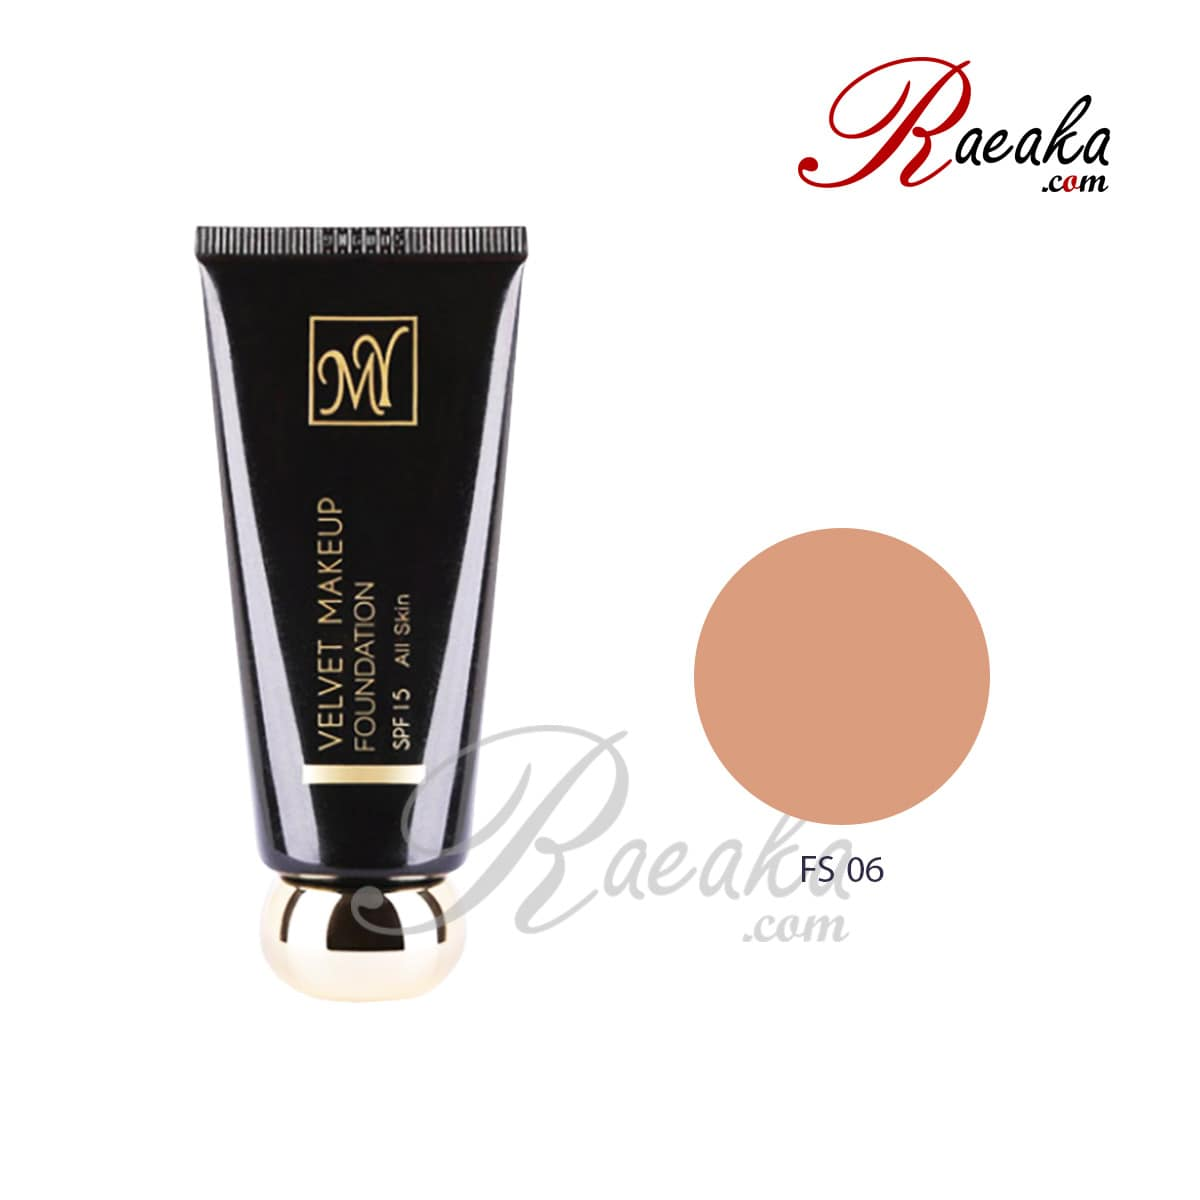 کرم پودر نیمه مات سری بلک دایموند مای کد FS06 مناسب پوست های معمولی تا خشک حجم ۳۵ میلی لیتر